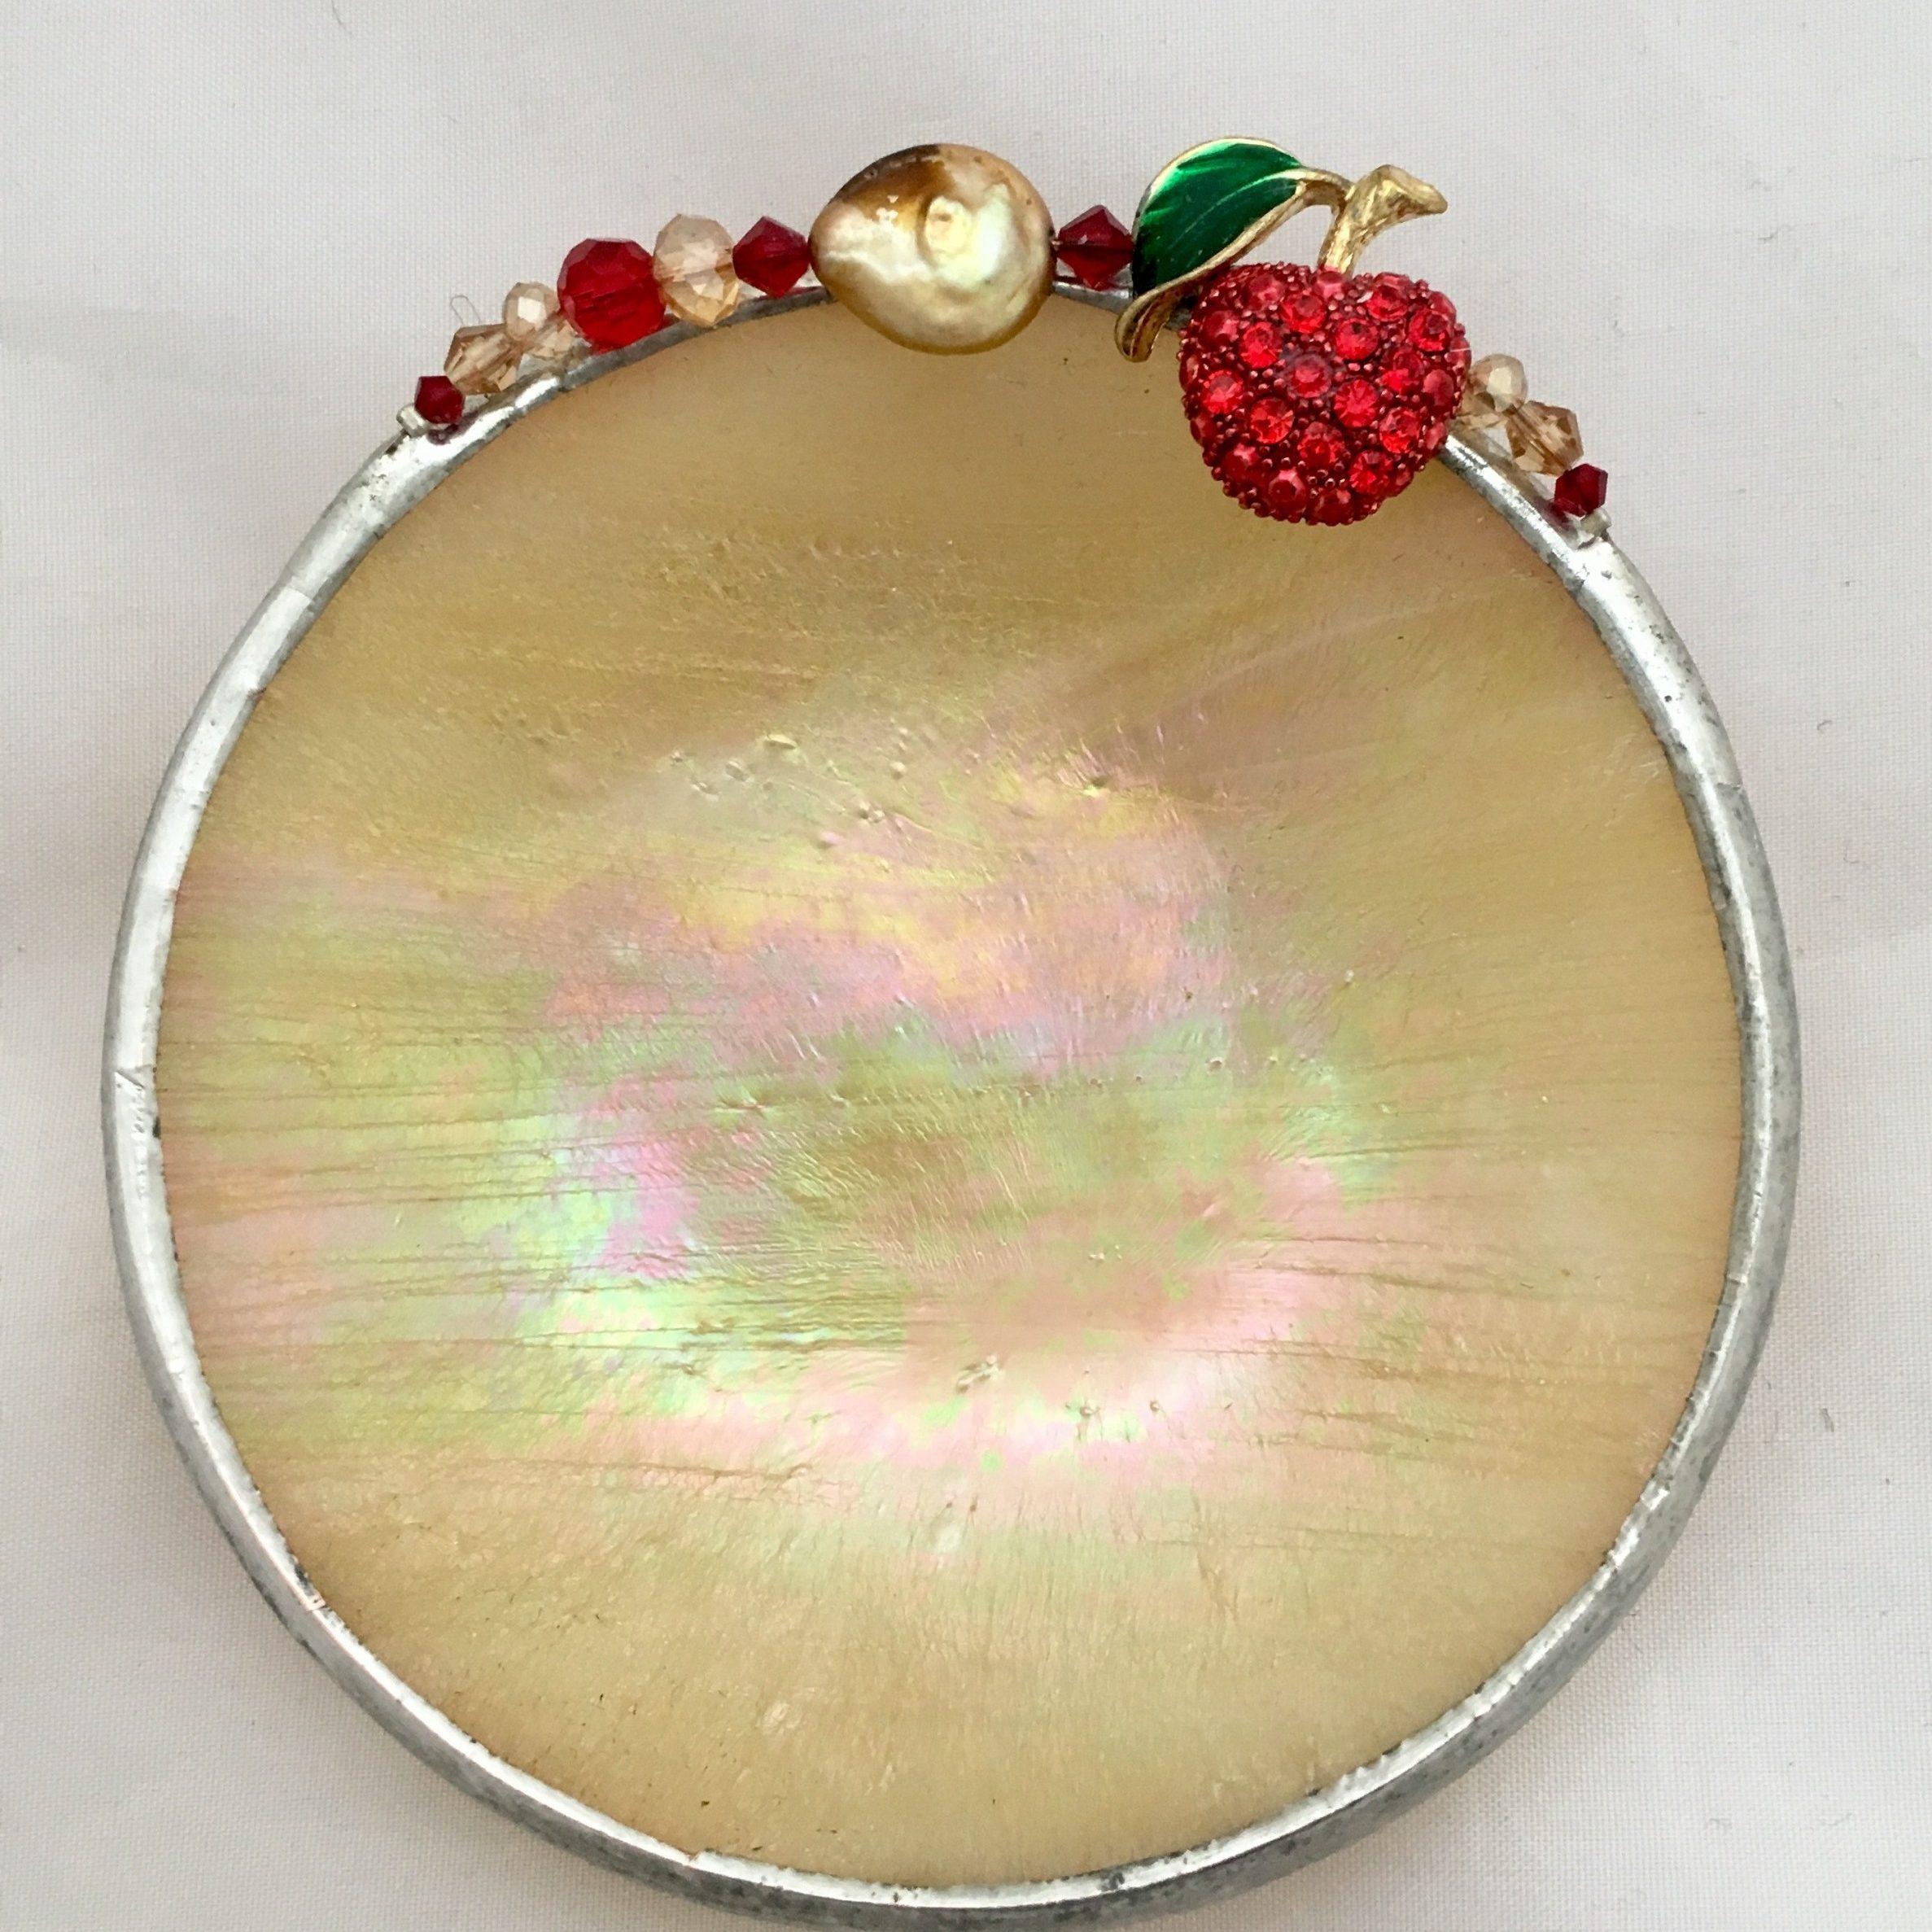 Cream iridescent apple